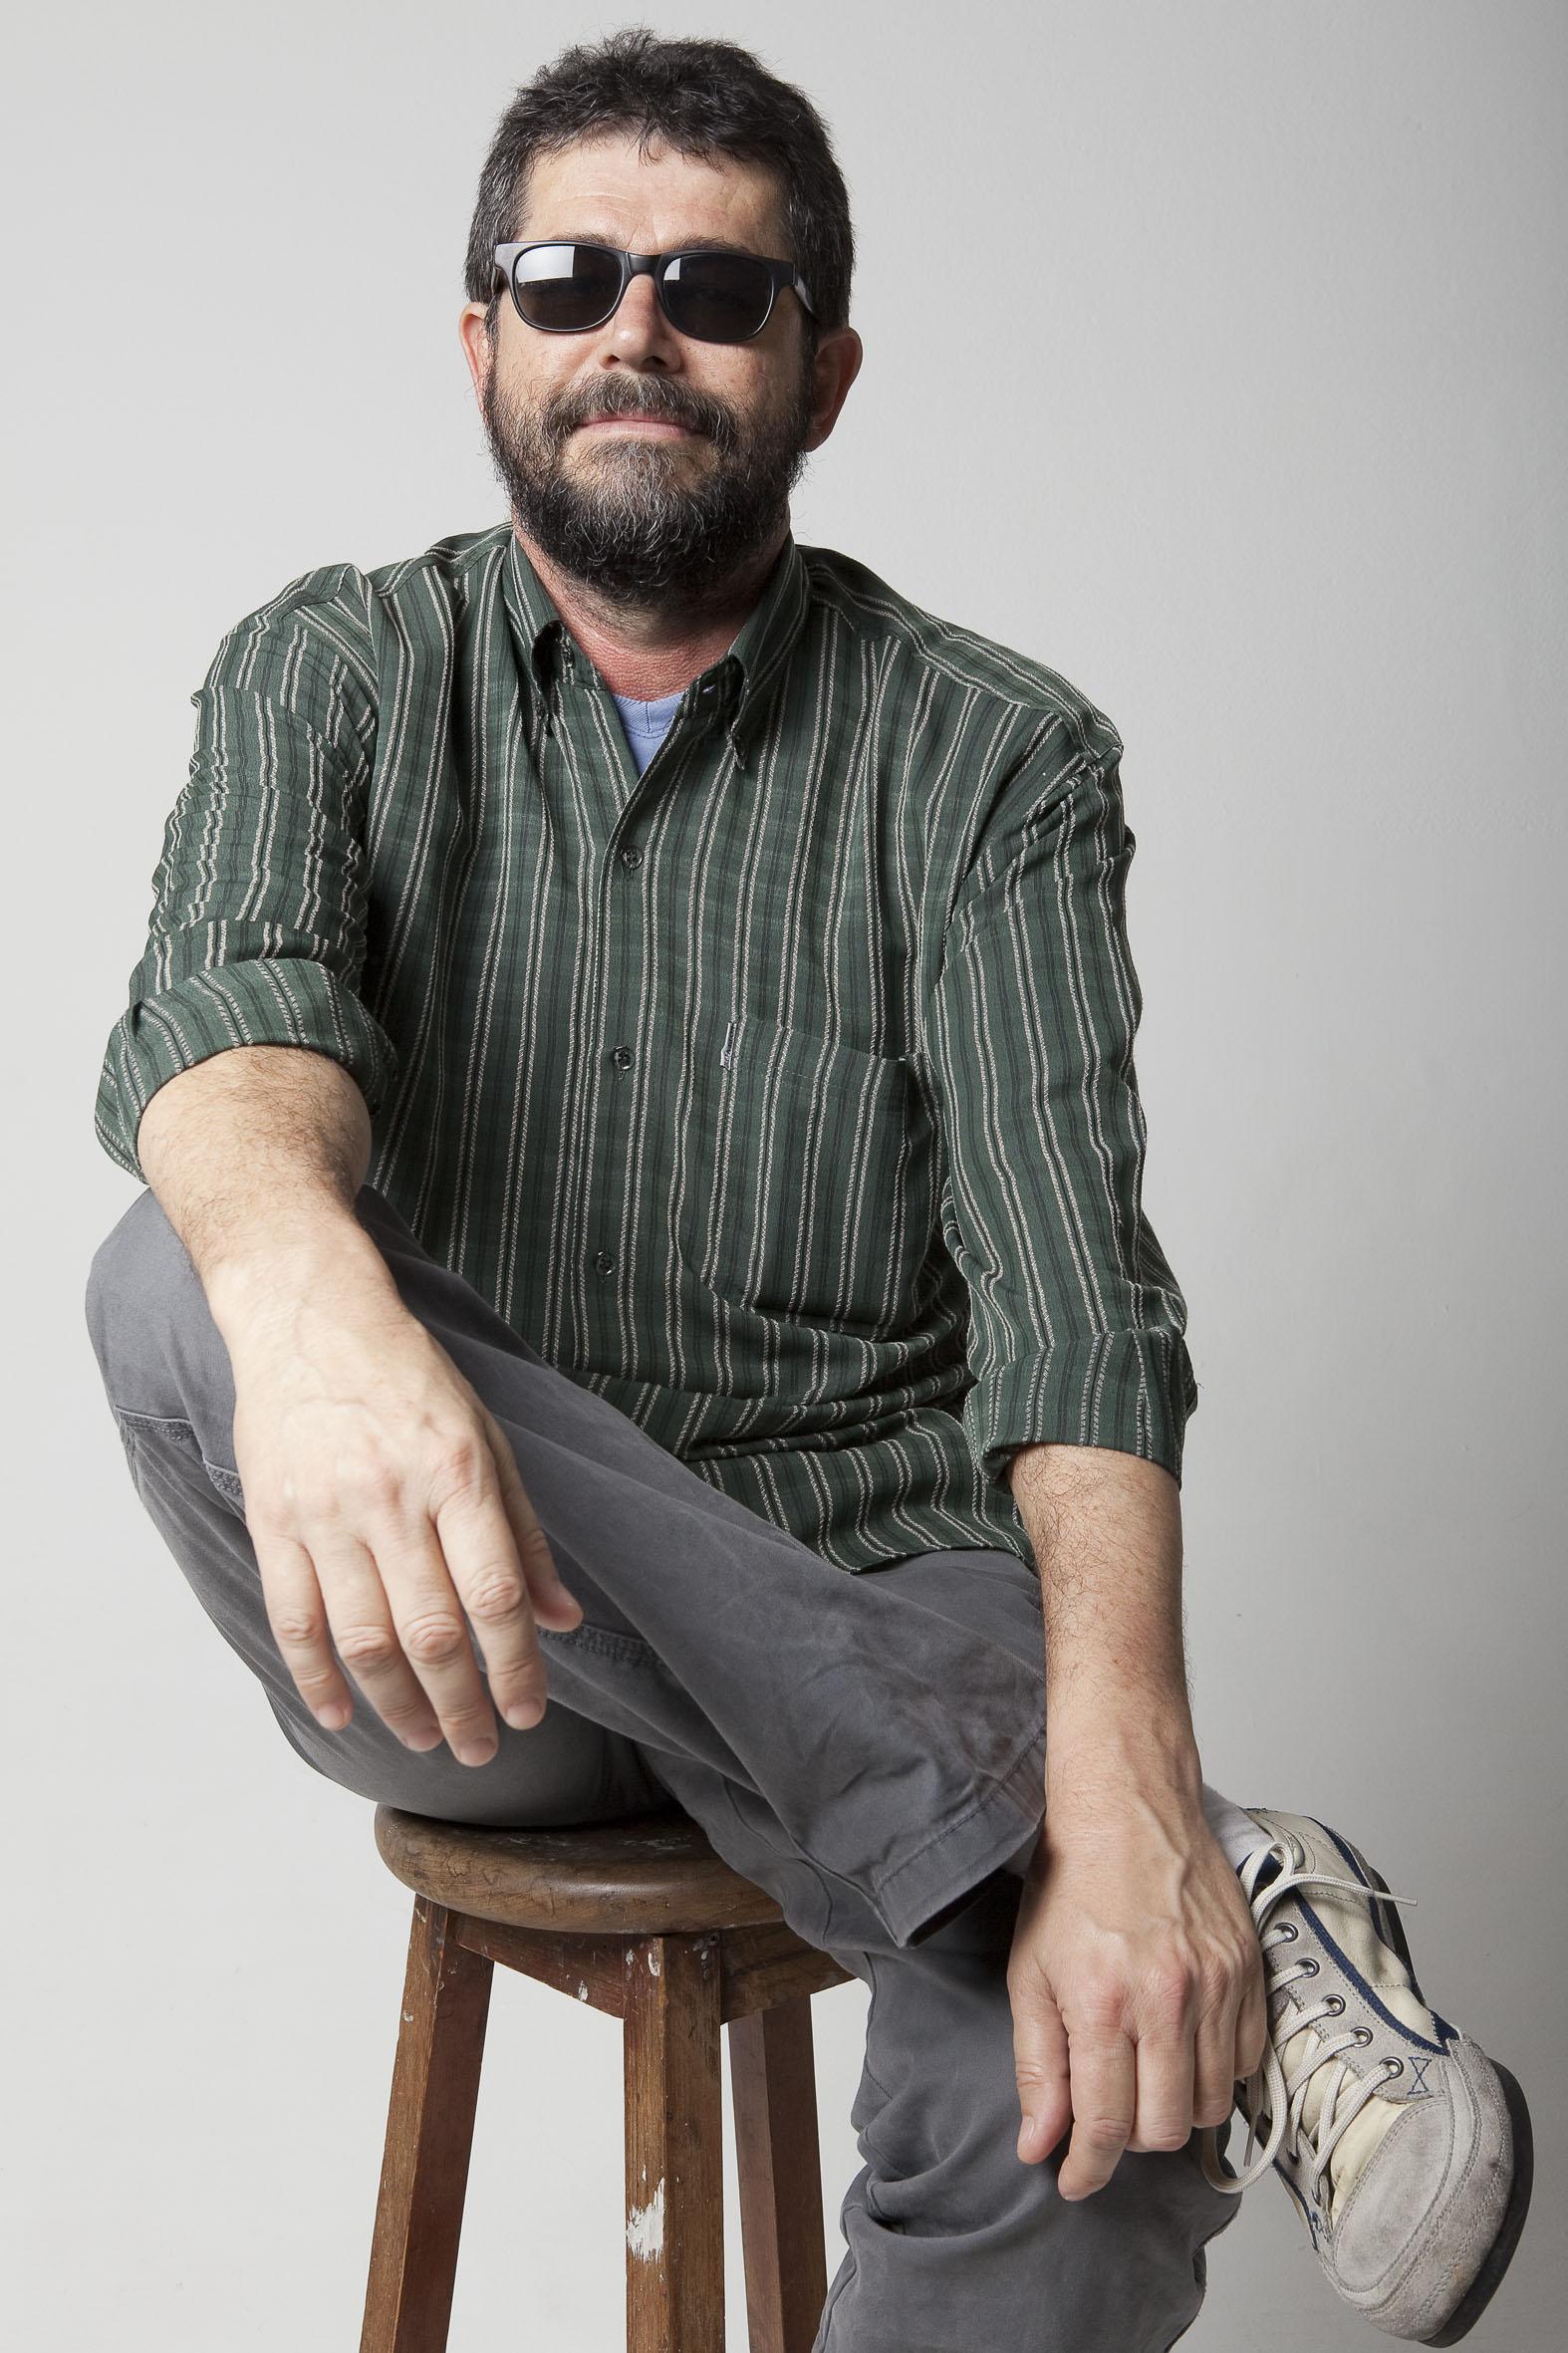 O jornalista e roteirista Marçal Aquino explicará a obra de Rubem Fonseca. Foto: Divulgação